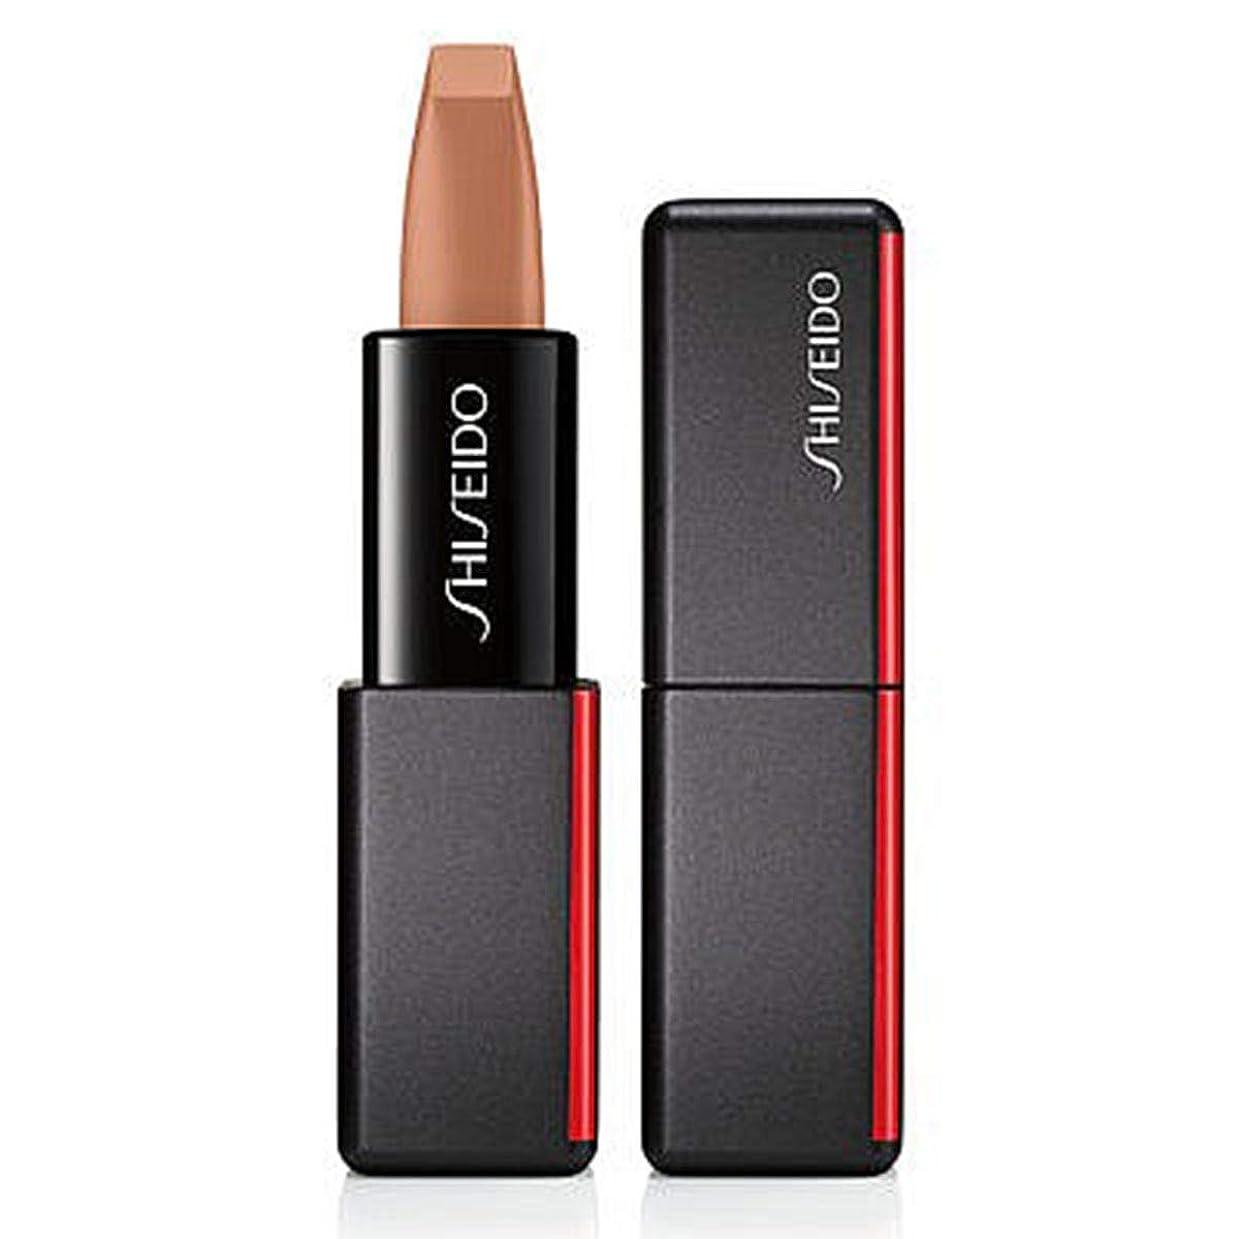 ホーン着替える夢中資生堂 ModernMatte Powder Lipstick - # 503 Nude Streak (Caramel) 4g/0.14oz並行輸入品